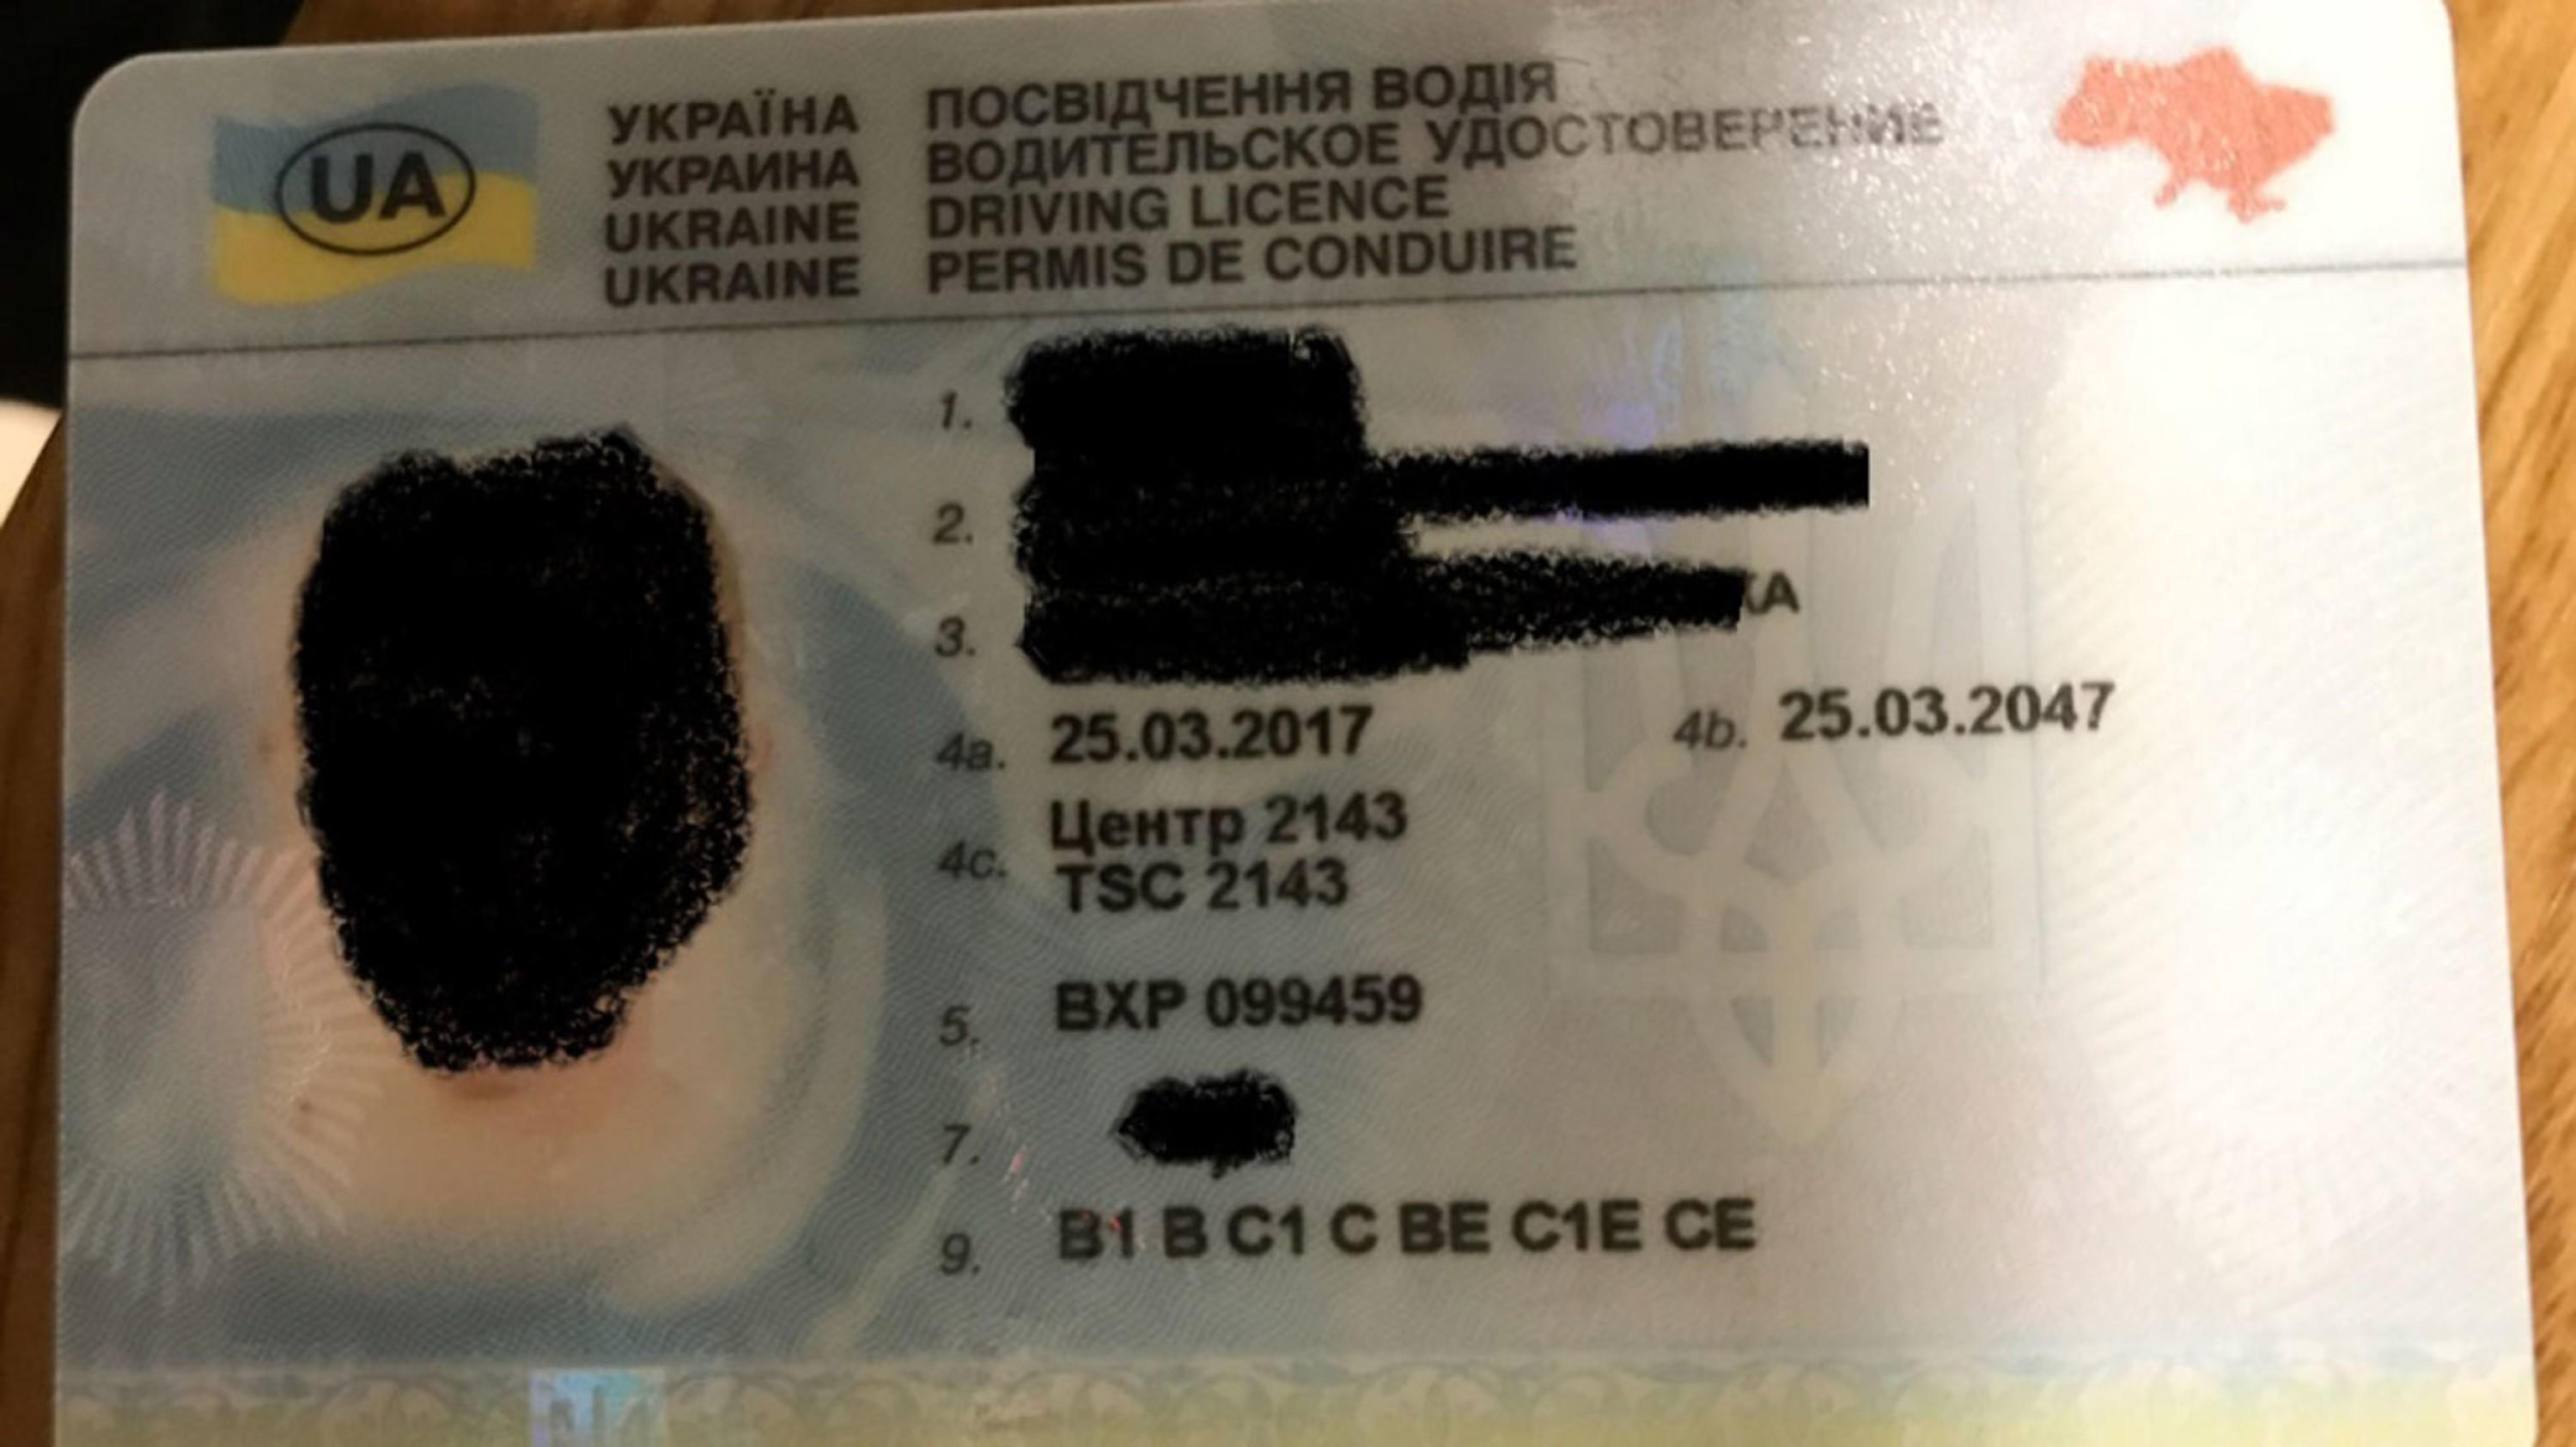 INGEN BØNN: Sjåføren hadde falskt førerkort, dermed ble han tatt hånd om av politiet og utvist fra landet.